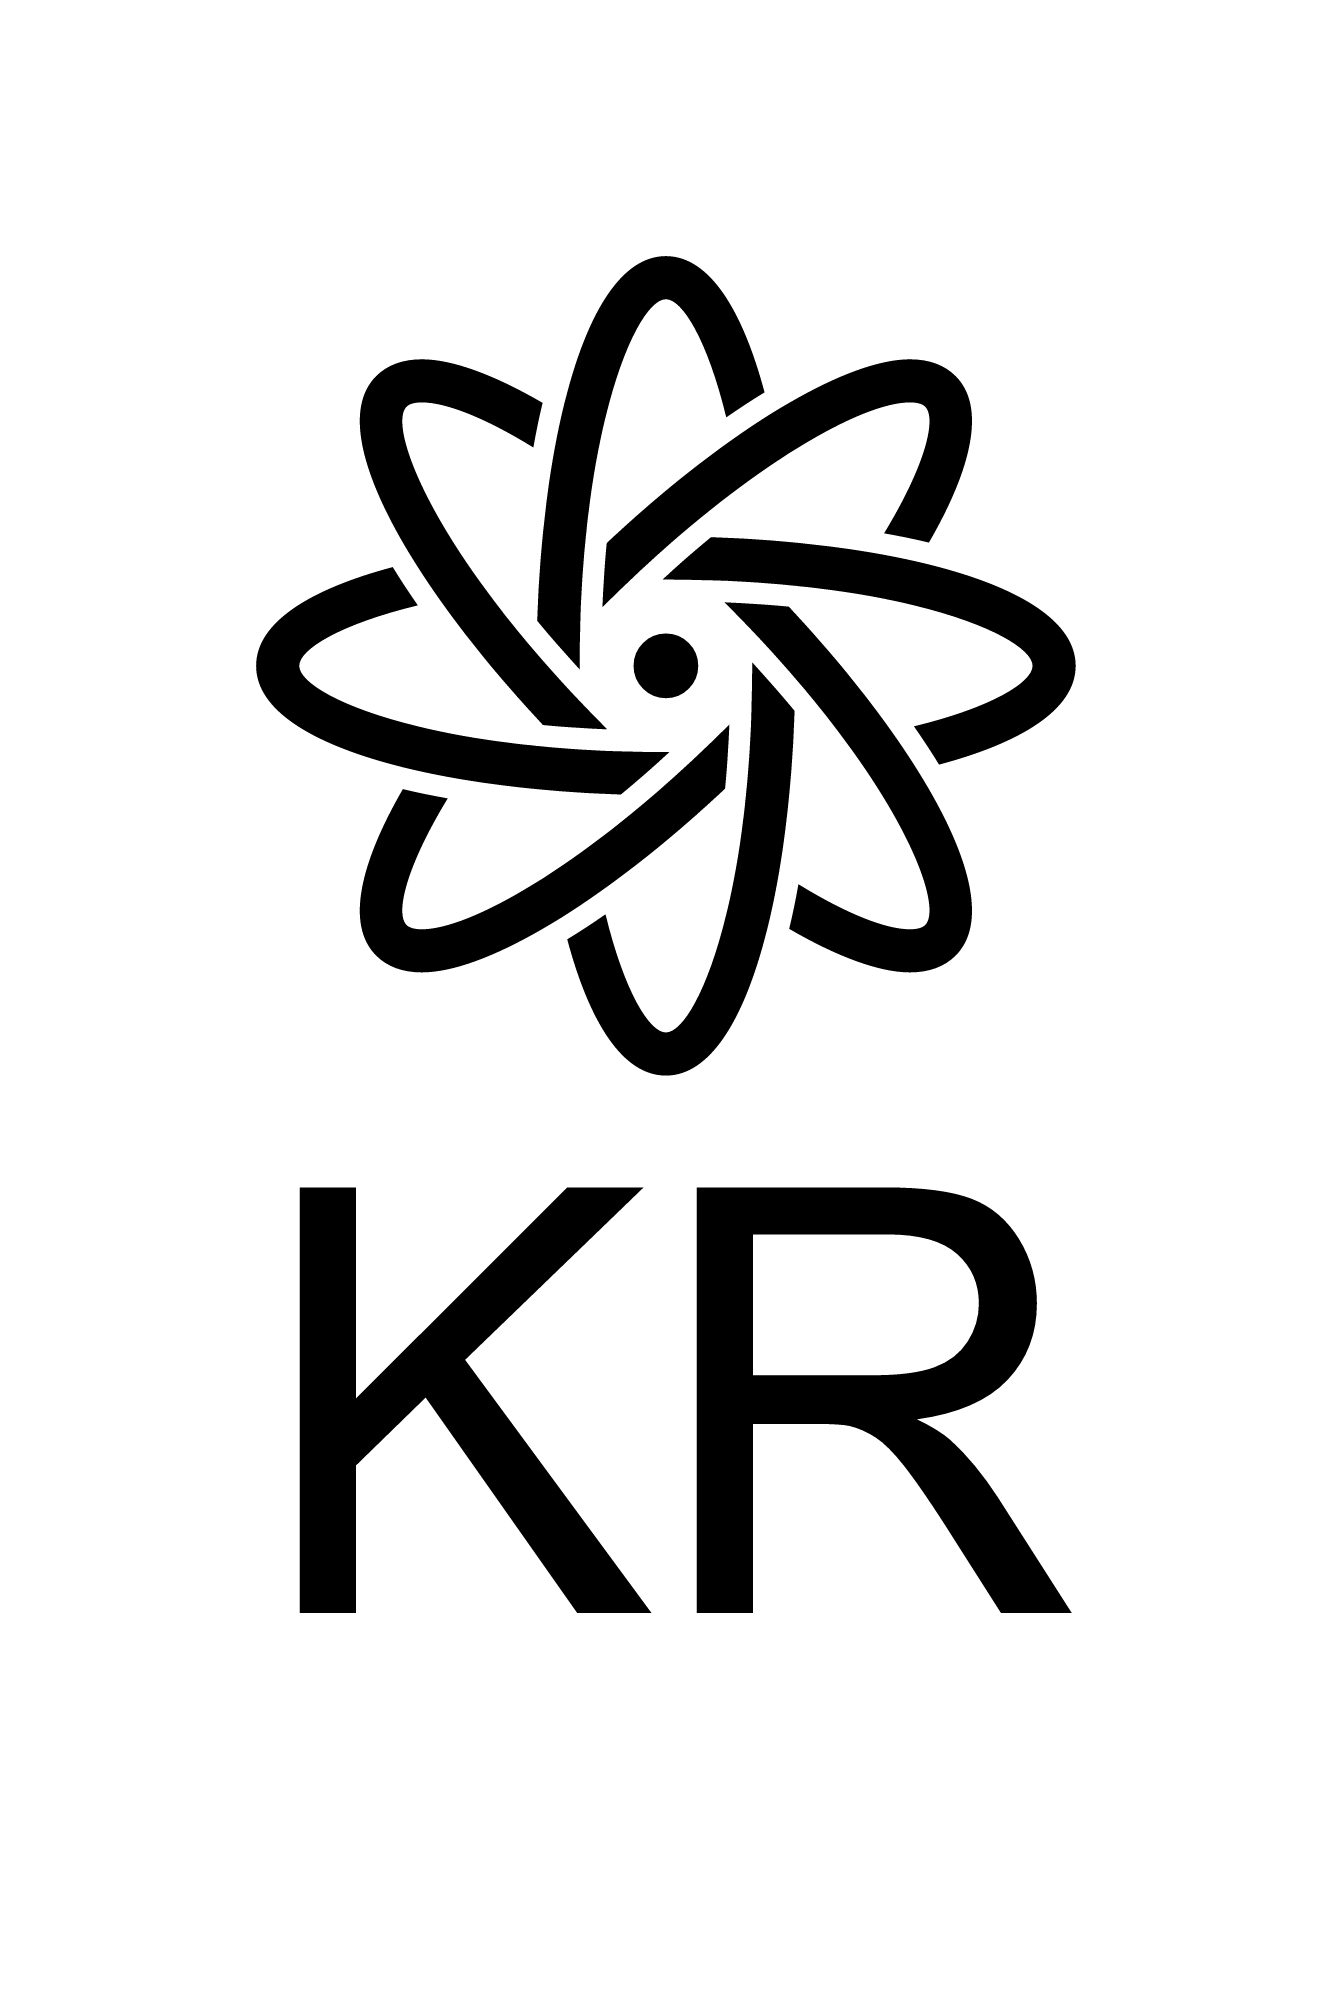 KR-logo-black.png